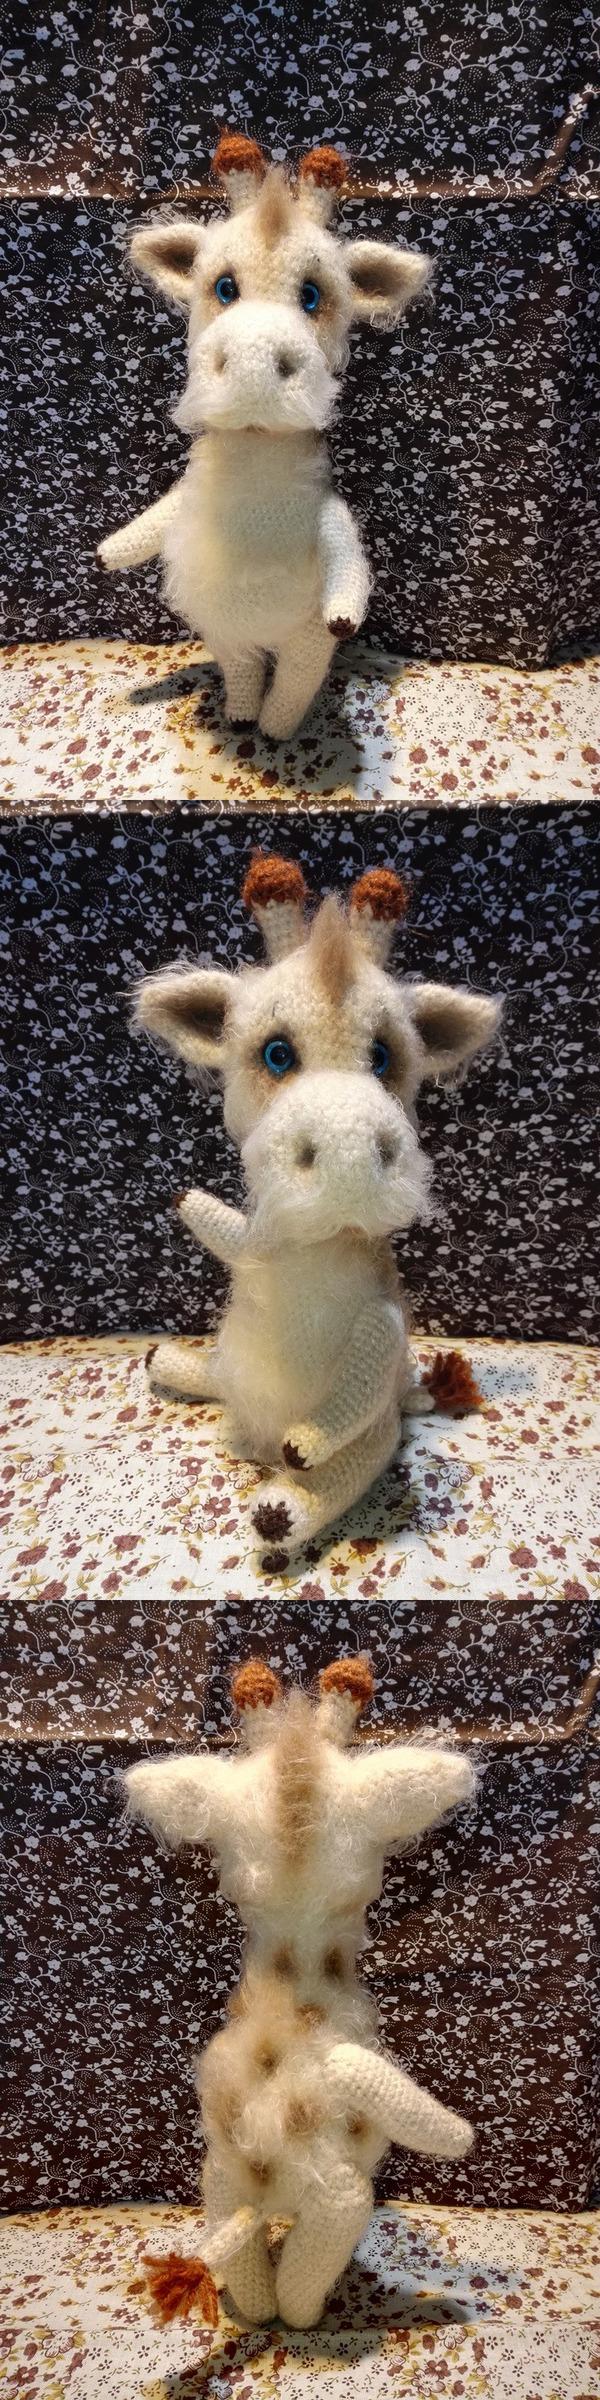 Жираф Степан. Взрослый, обаятельный мужчина! амигуруми, вязание крючком, хобби, жираф, игрушки крючком, мягкая игрушка, длиннопост